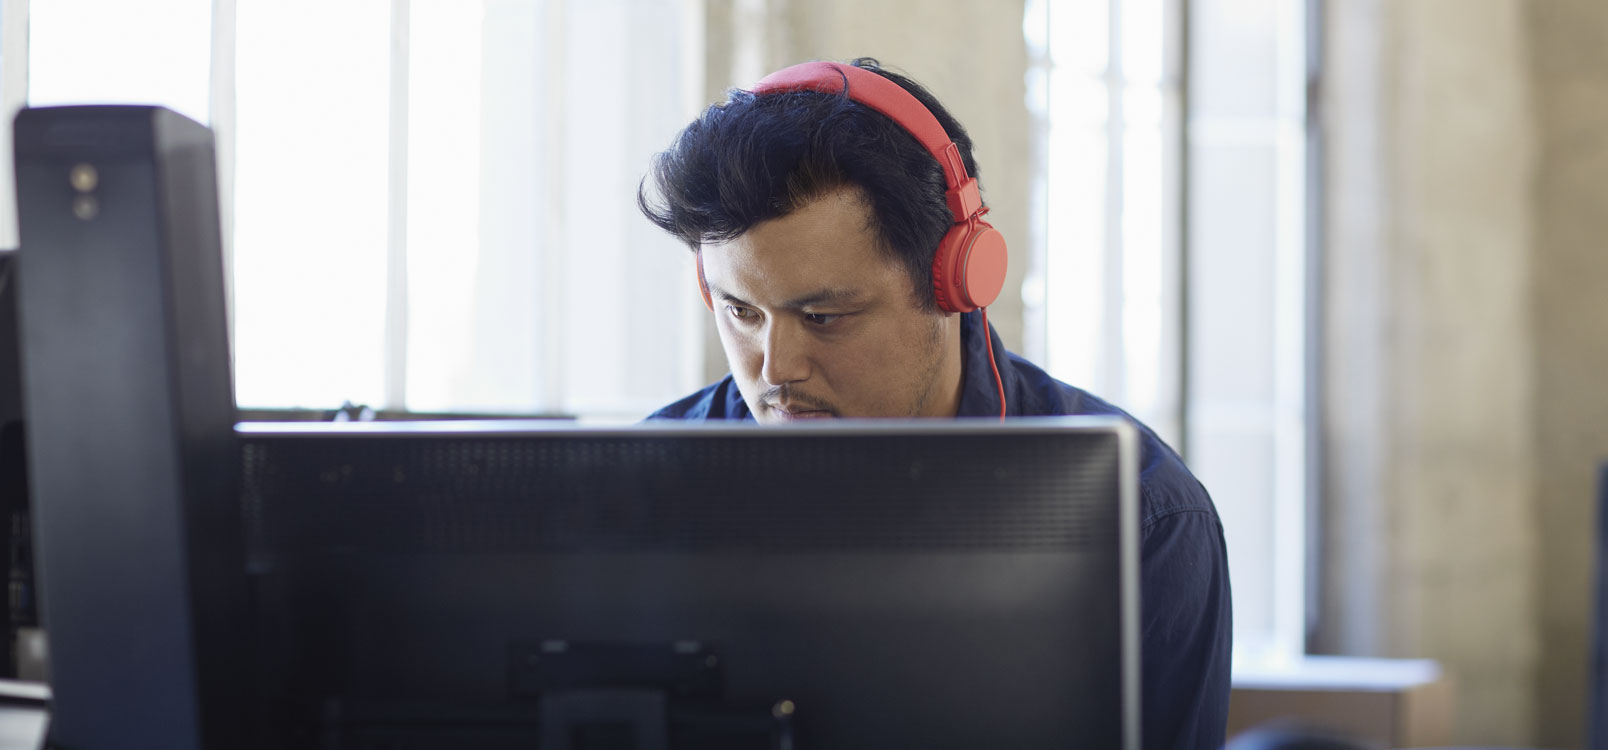 Мужчина в наушниках работает в Office 365 на настольном компьютере.